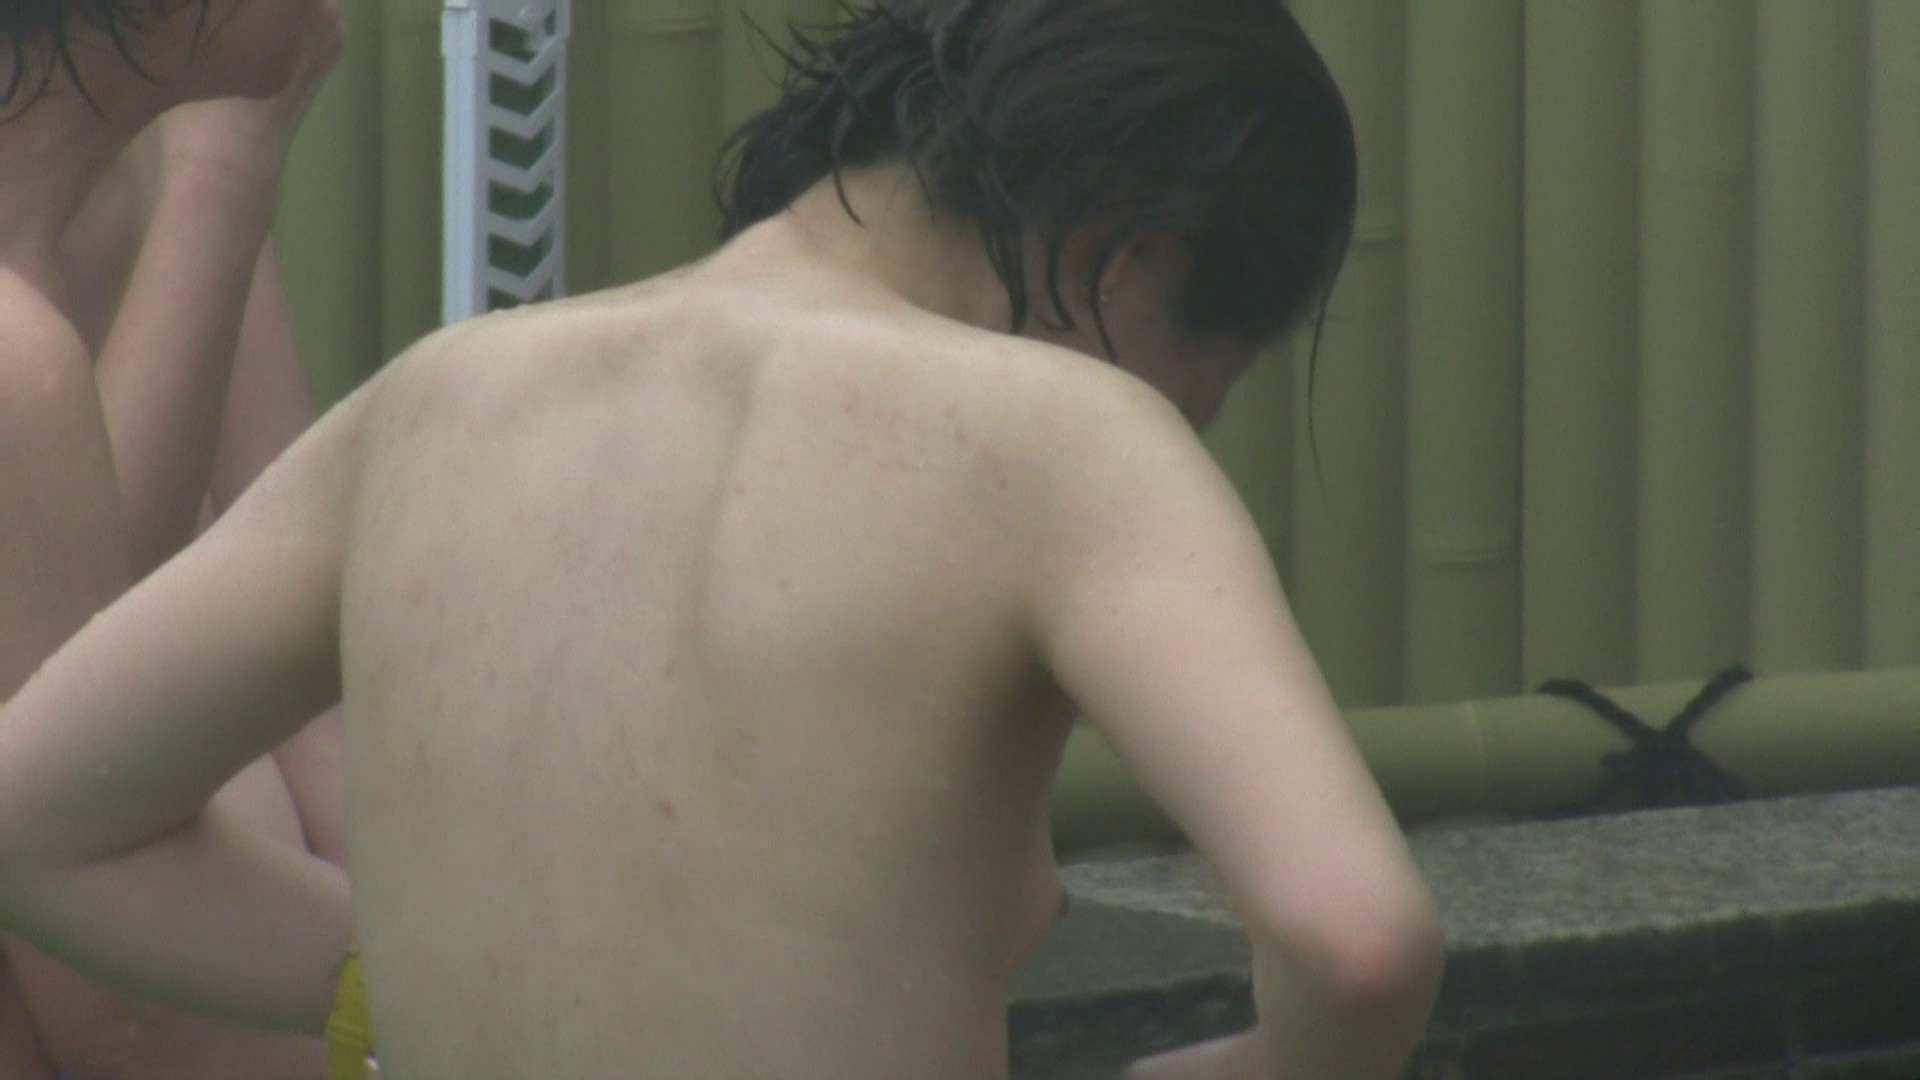 Aquaな露天風呂Vol.584 OLのエロ生活 | 盗撮  55連発 46